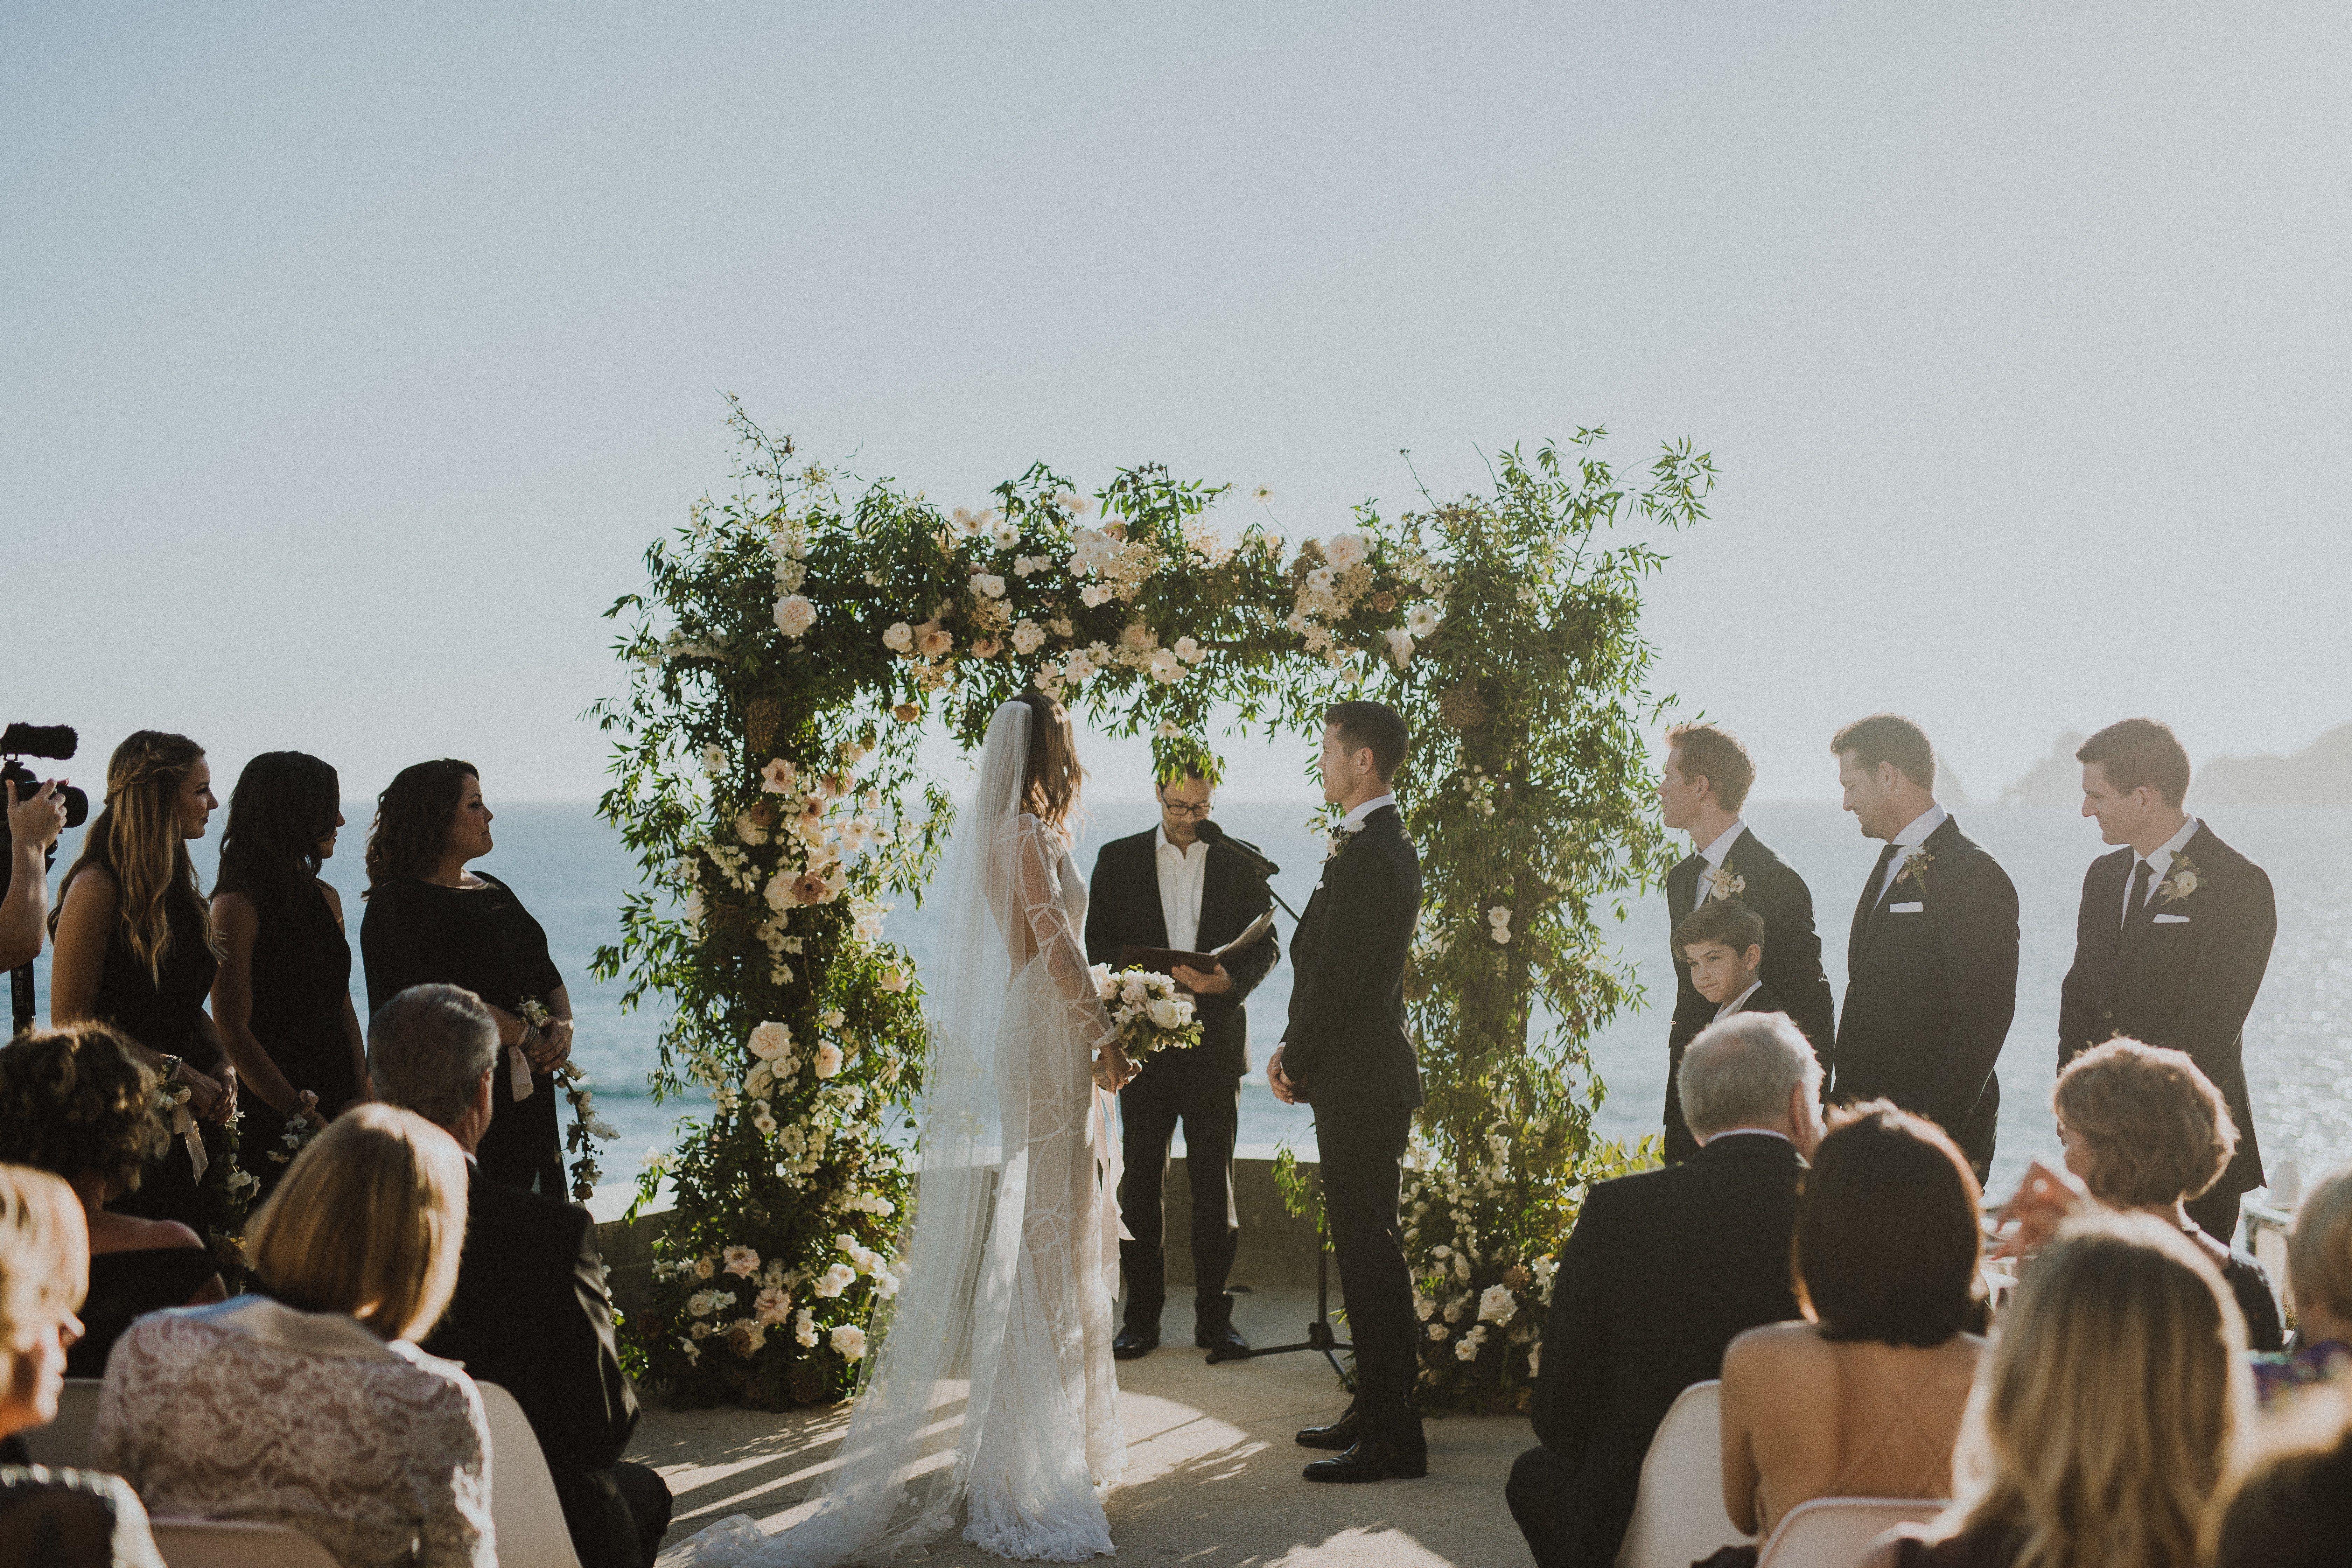 A Destination Wedding in Cabo San Lucas, Mexico Cabo san